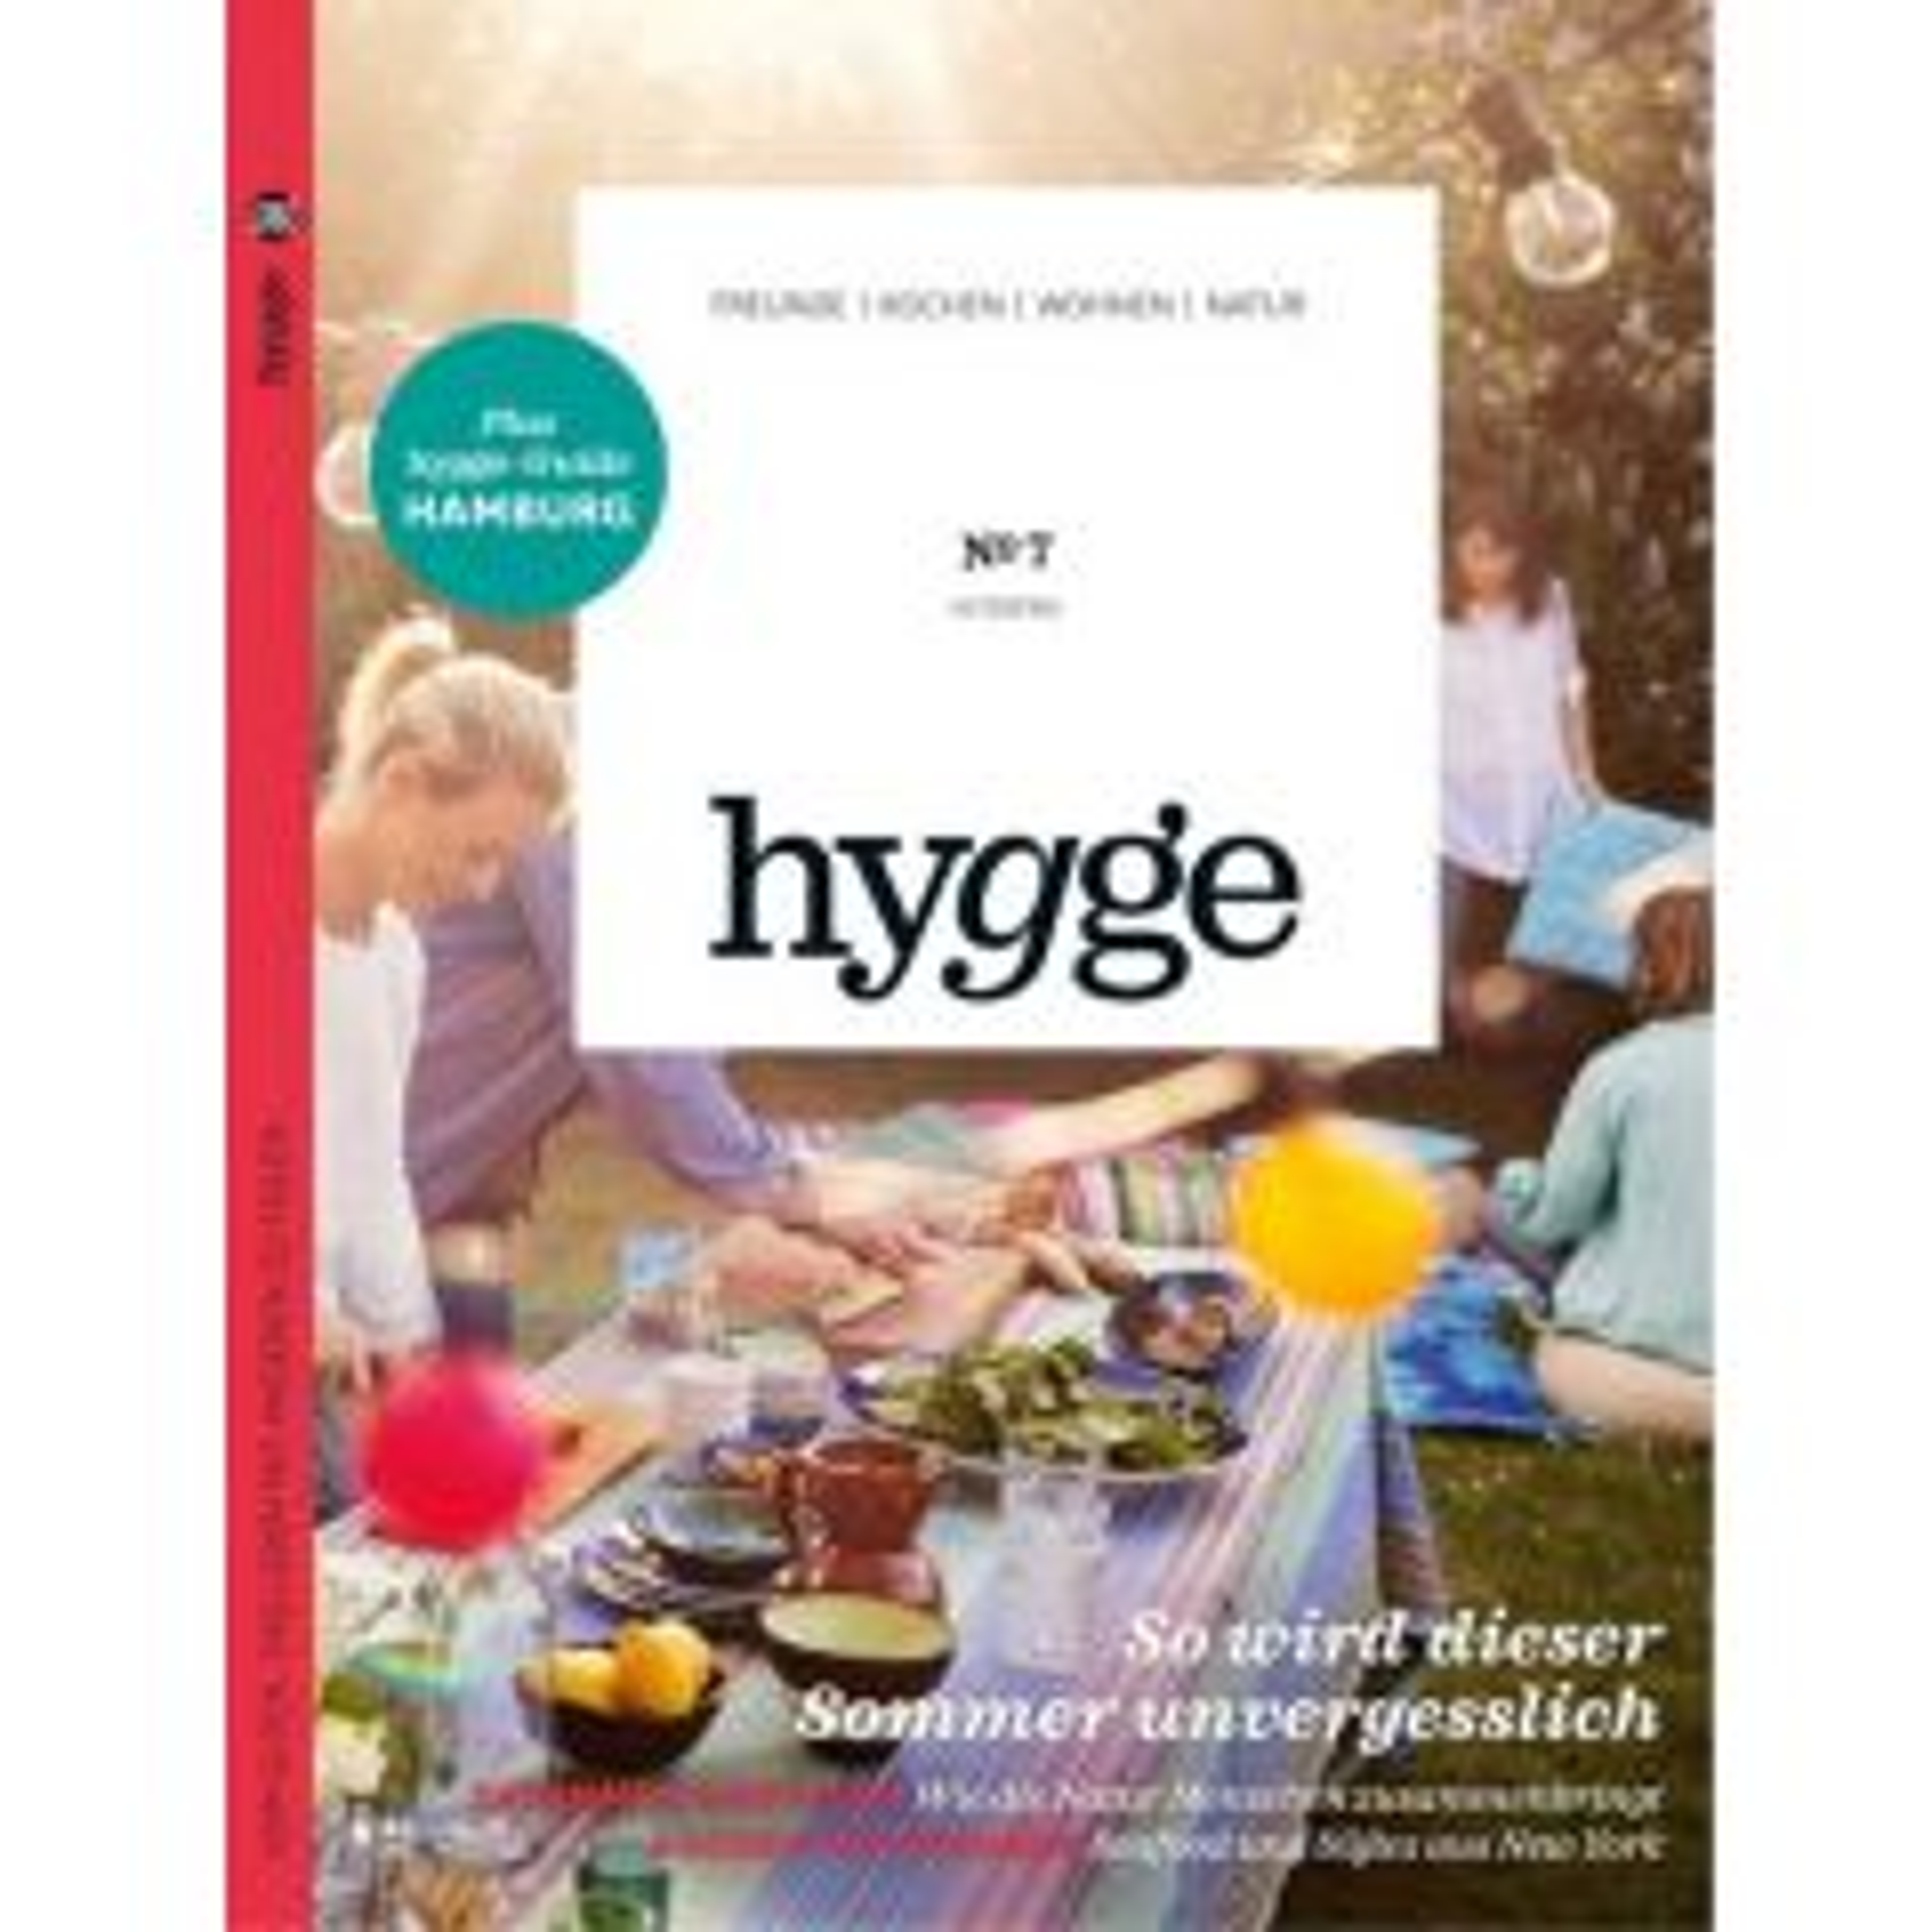 hygge 7 (4/2018)